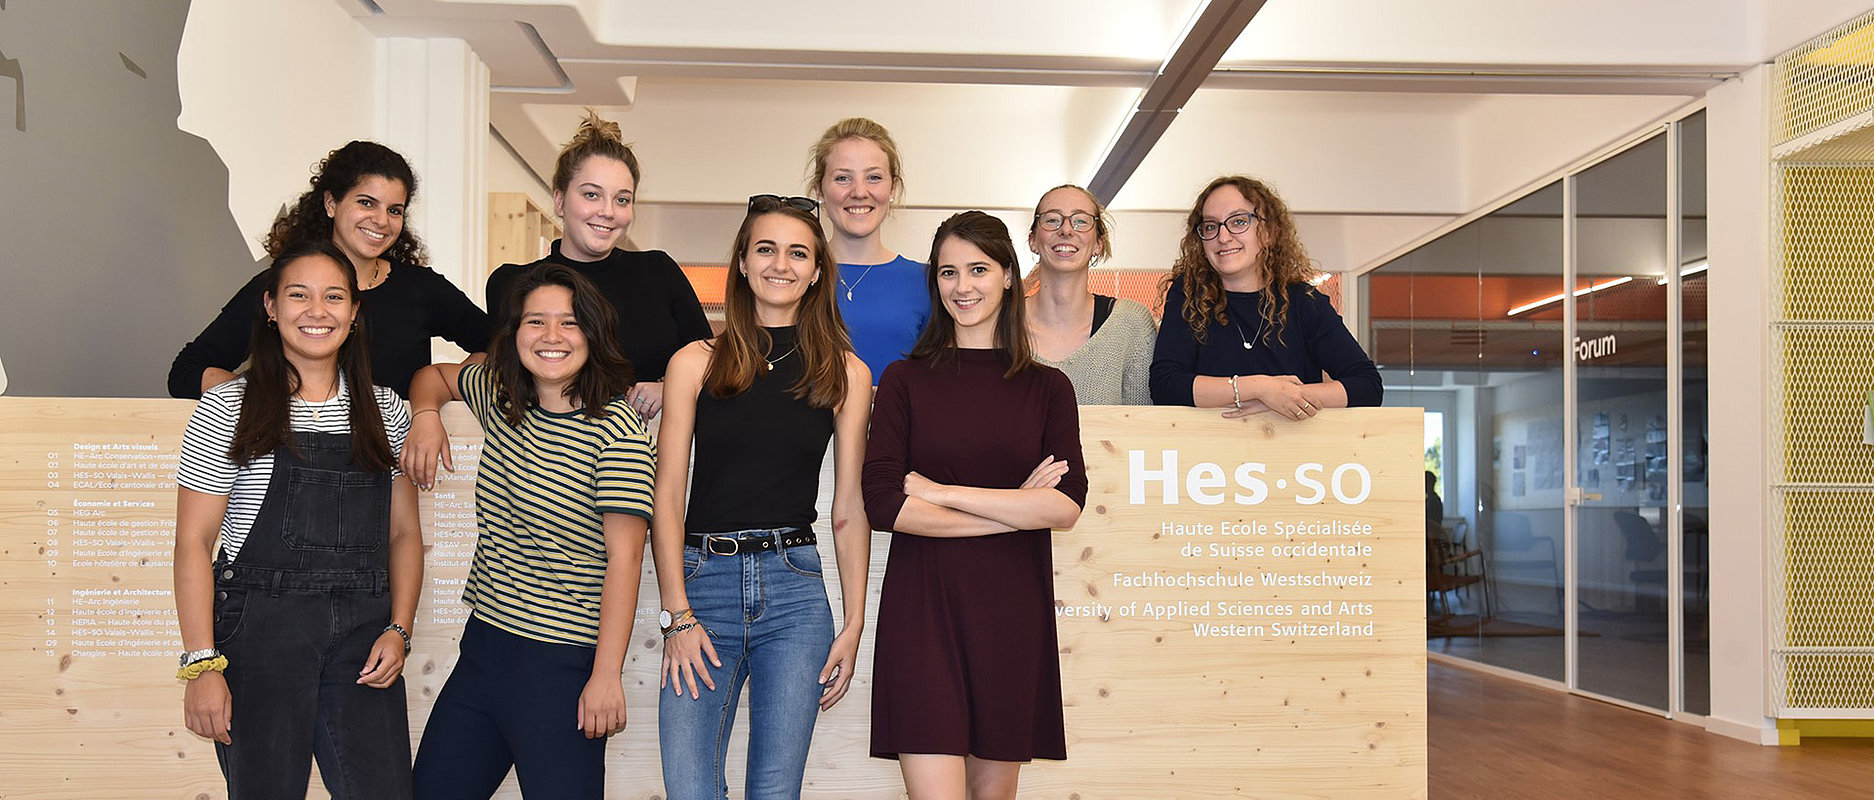 Photo des participantes témoignages du site Ingénieuse